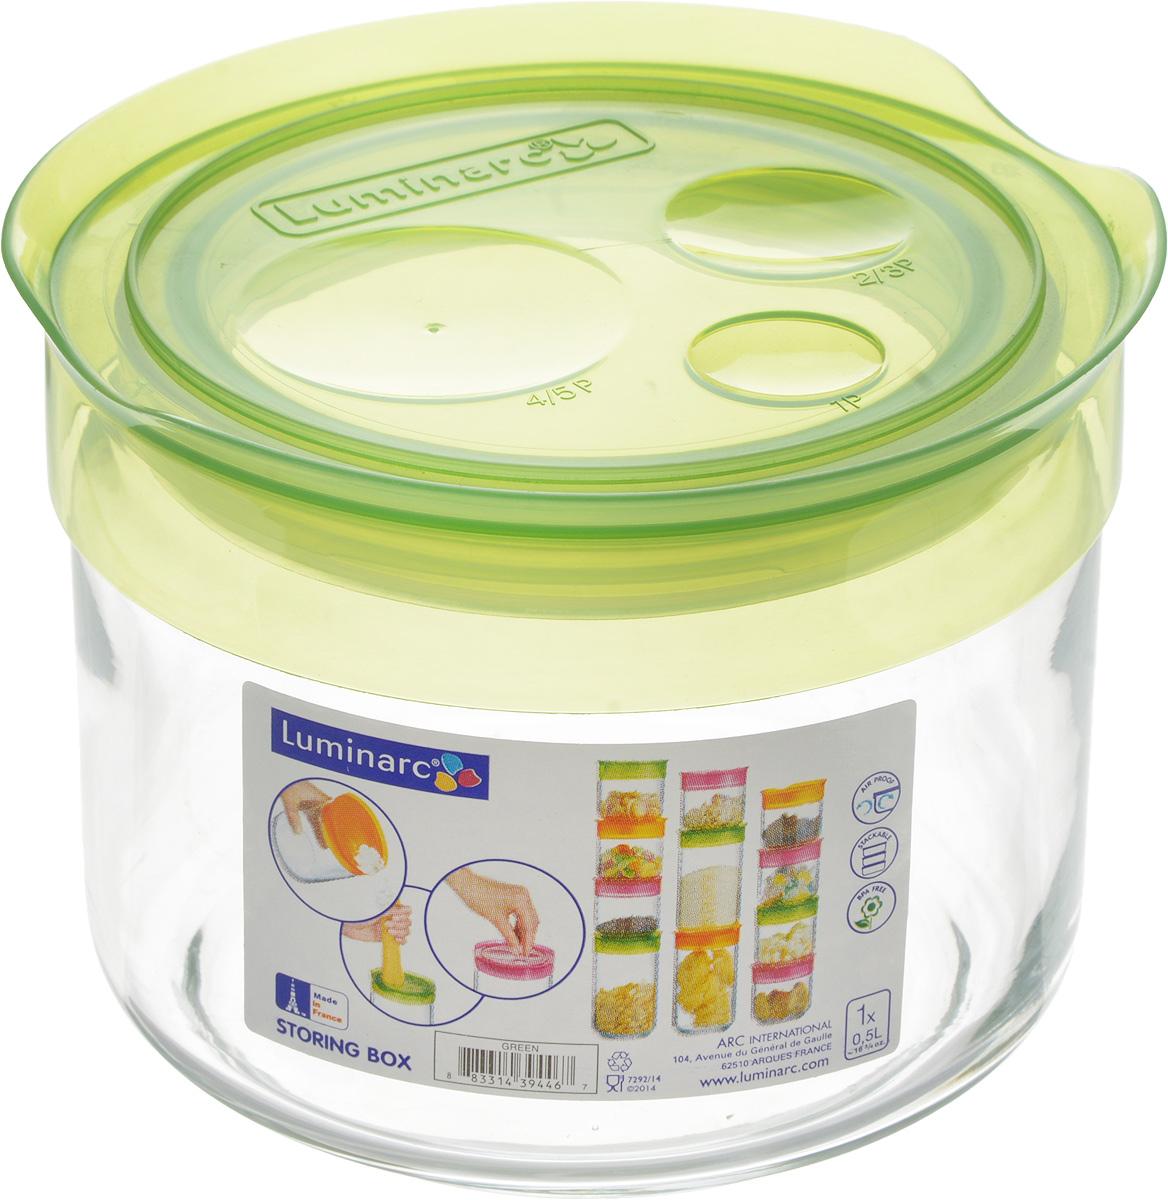 Банка для сыпучих продуктов Luminarc Storing Box, с крышкой, цвет: салатовый, 500 млVT-1520(SR)Банка Luminarc Storing Box, выполненная из упрочненного стекла, станет незаменимым помощником на кухне. В ней будет удобно хранить разнообразные сыпучие продукты, такие как кофе, сахар, соль или специи. Прозрачная банка позволит следить, что и в каком количестве находится внутри. Банка надежно закрывается пластиковой крышкой, которая снабжена резиновым уплотнителем для лучшей фиксации. Такая банка не только сэкономит место на вашей кухне, но и украсит интерьер.Объем: 500 мл.Диаметр банки (по верхнему краю): 9 см.Высота банки (без учета крышки): 8 см.